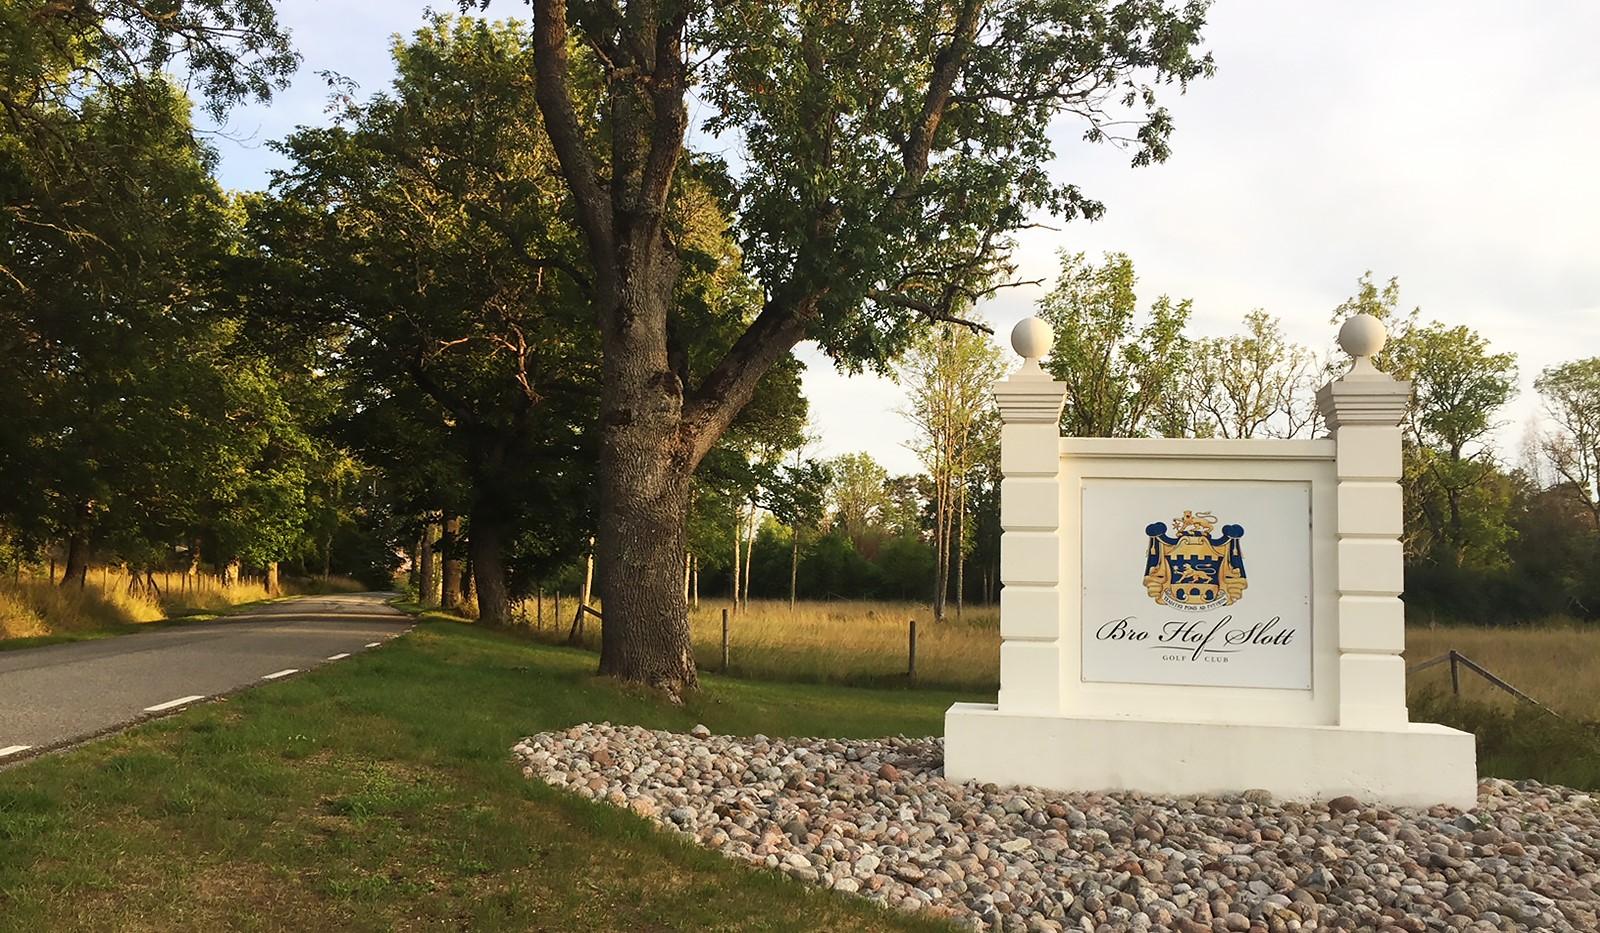 Ringuddsslingan  39 - Bro Hof Slott Golf Club